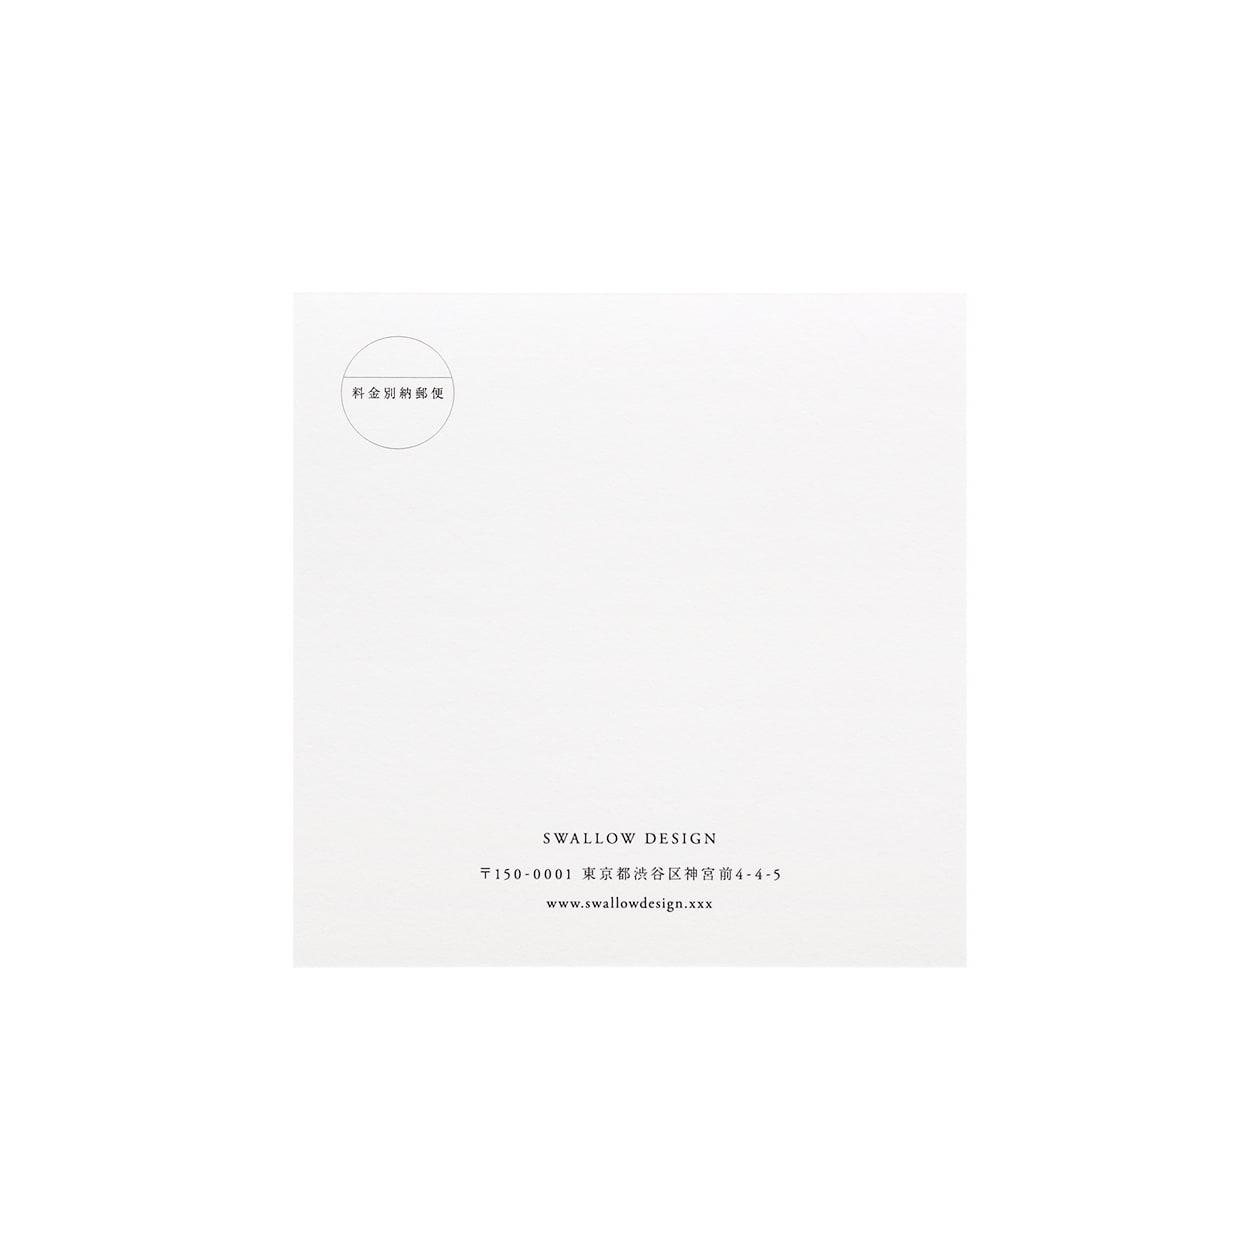 サンプル カード・シート 00463